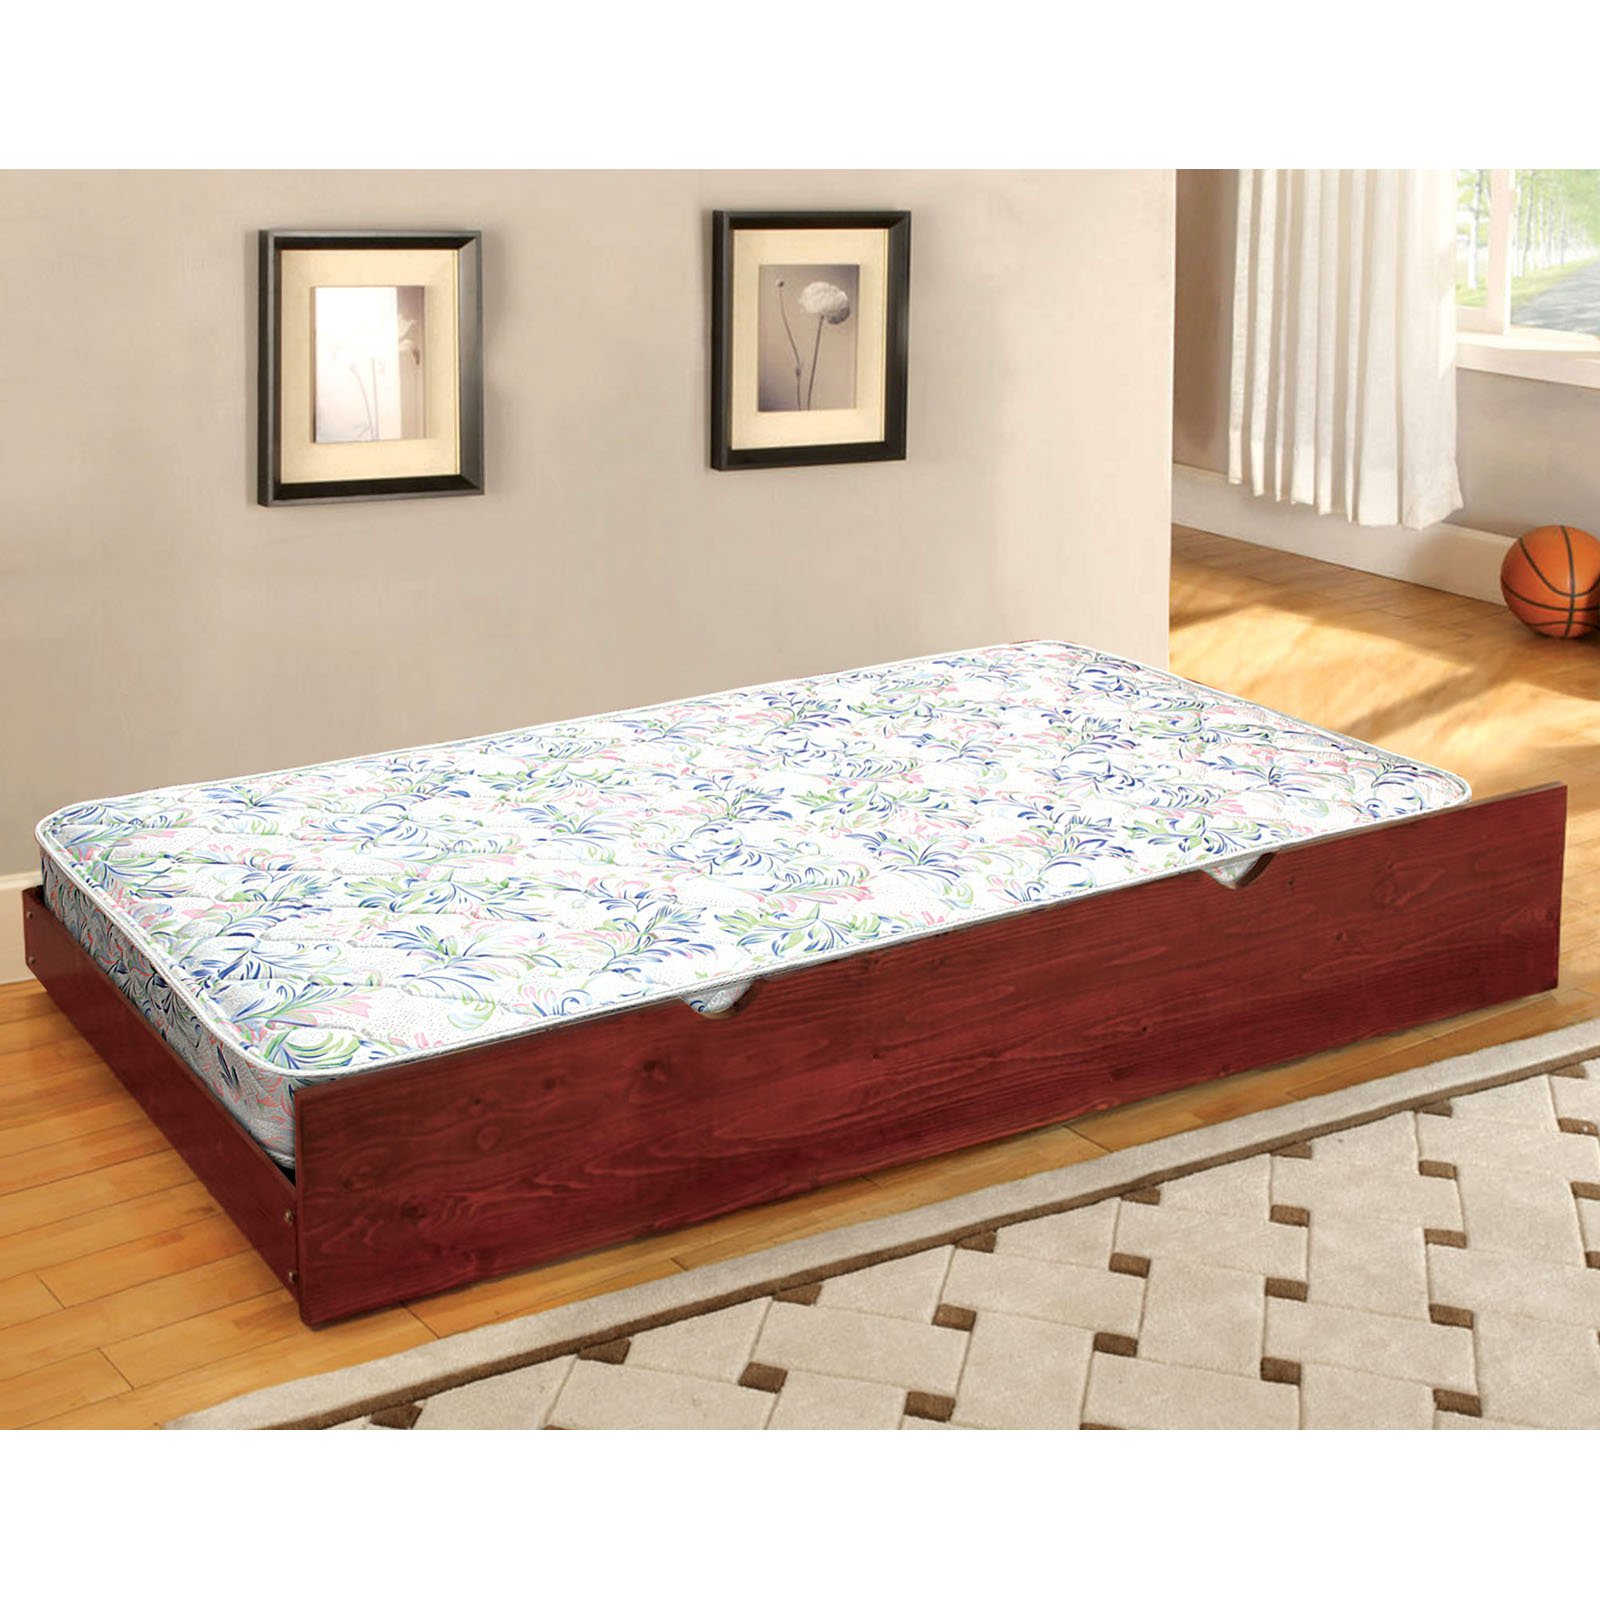 Furniture of America Dreamax Leonid 6 in. Trundle Mattress